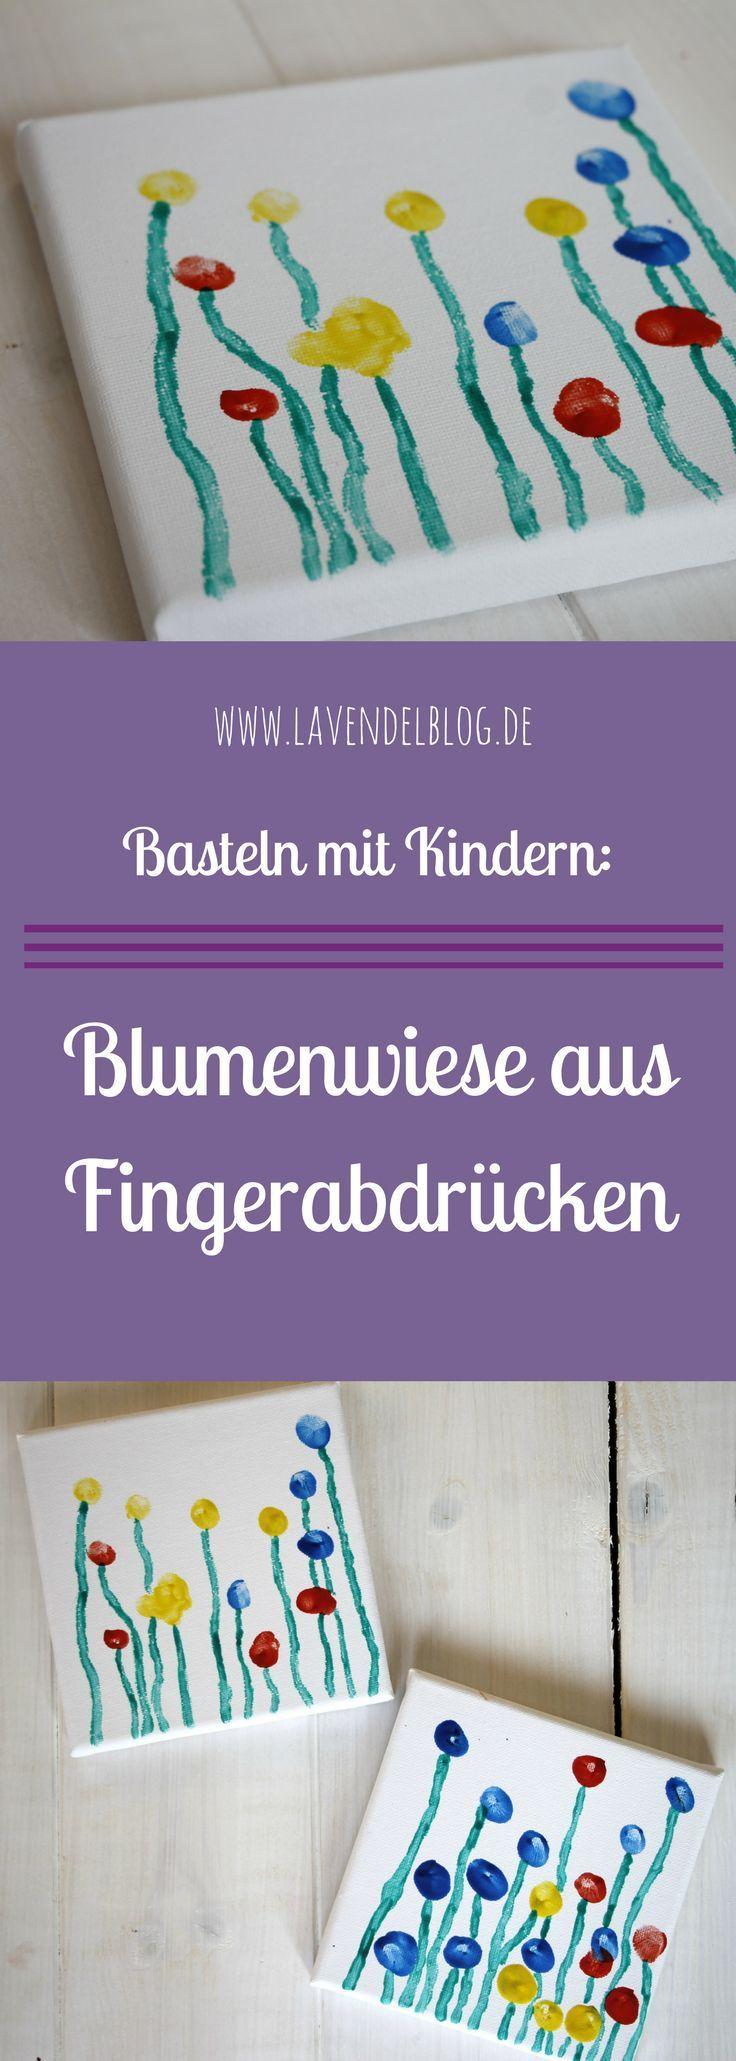 Ein Kinder Fingerabdruck ist die Basis dieser DIY Idee. Die Kinder Fingerabdrücke ergeben auf einer Leinwand eine Blumenwiese aus Fingerabdrücken. Eine schönes DIY Projekt für Babys und Kleinkinder. Eine Geschenkidee für Oma und Opa oder zum Selbstaufhäng